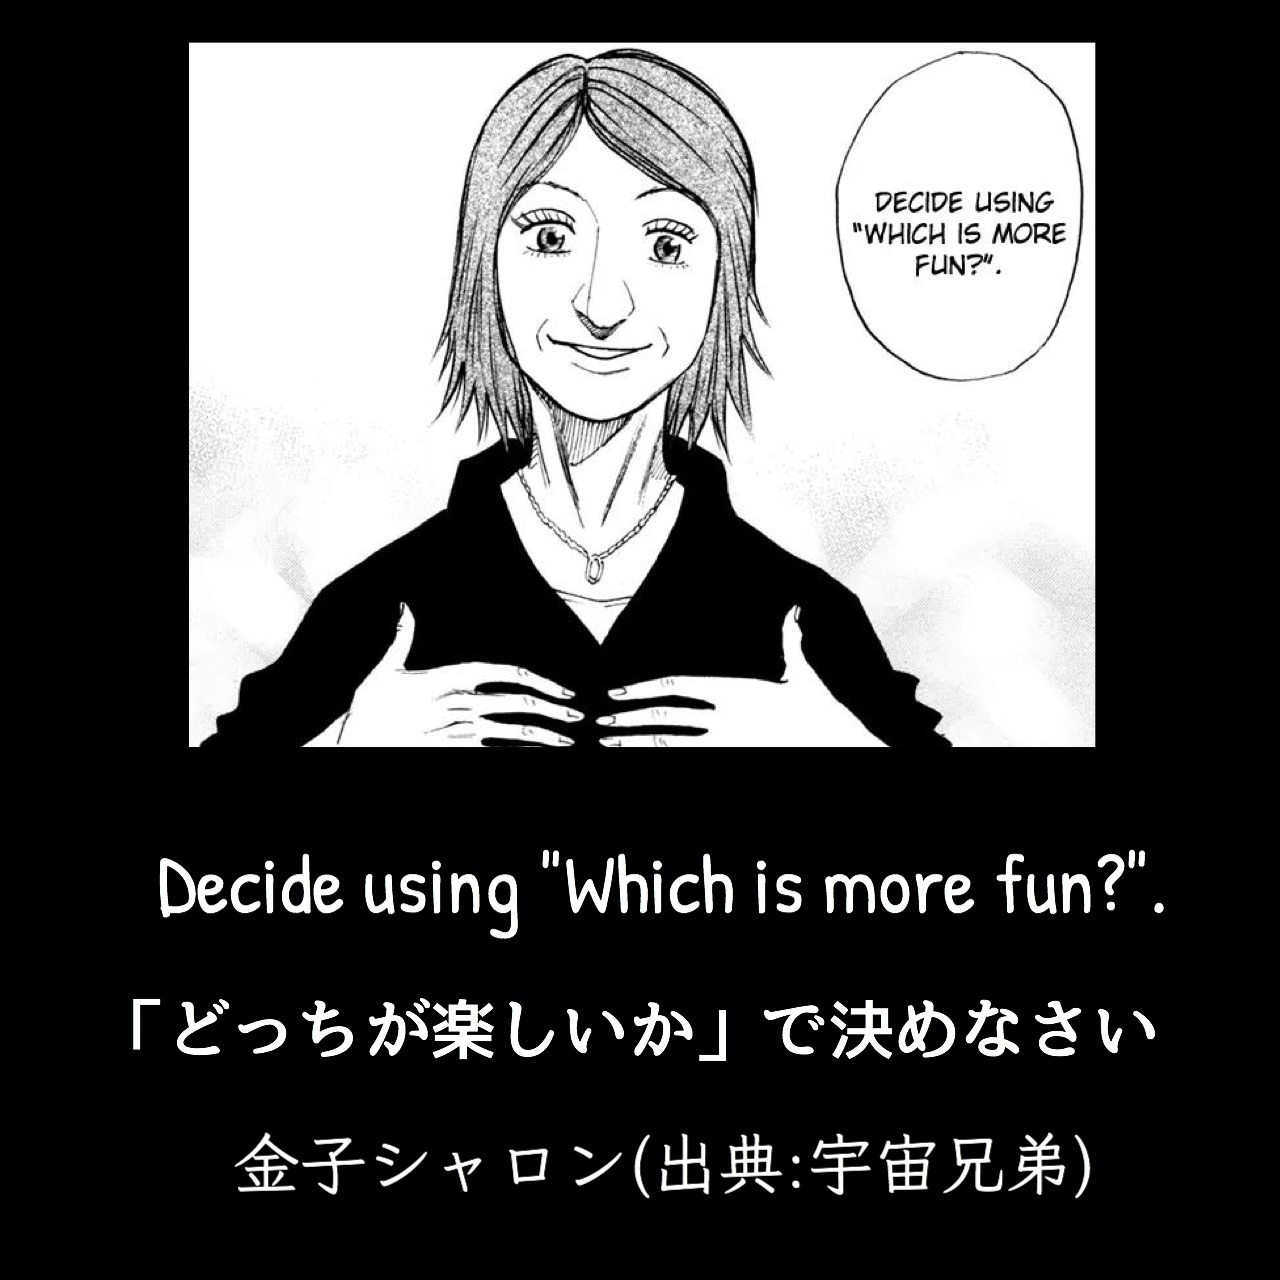 「どっちが楽しいか」で決めなさい / 金子シャロン(出典:宇宙兄弟)